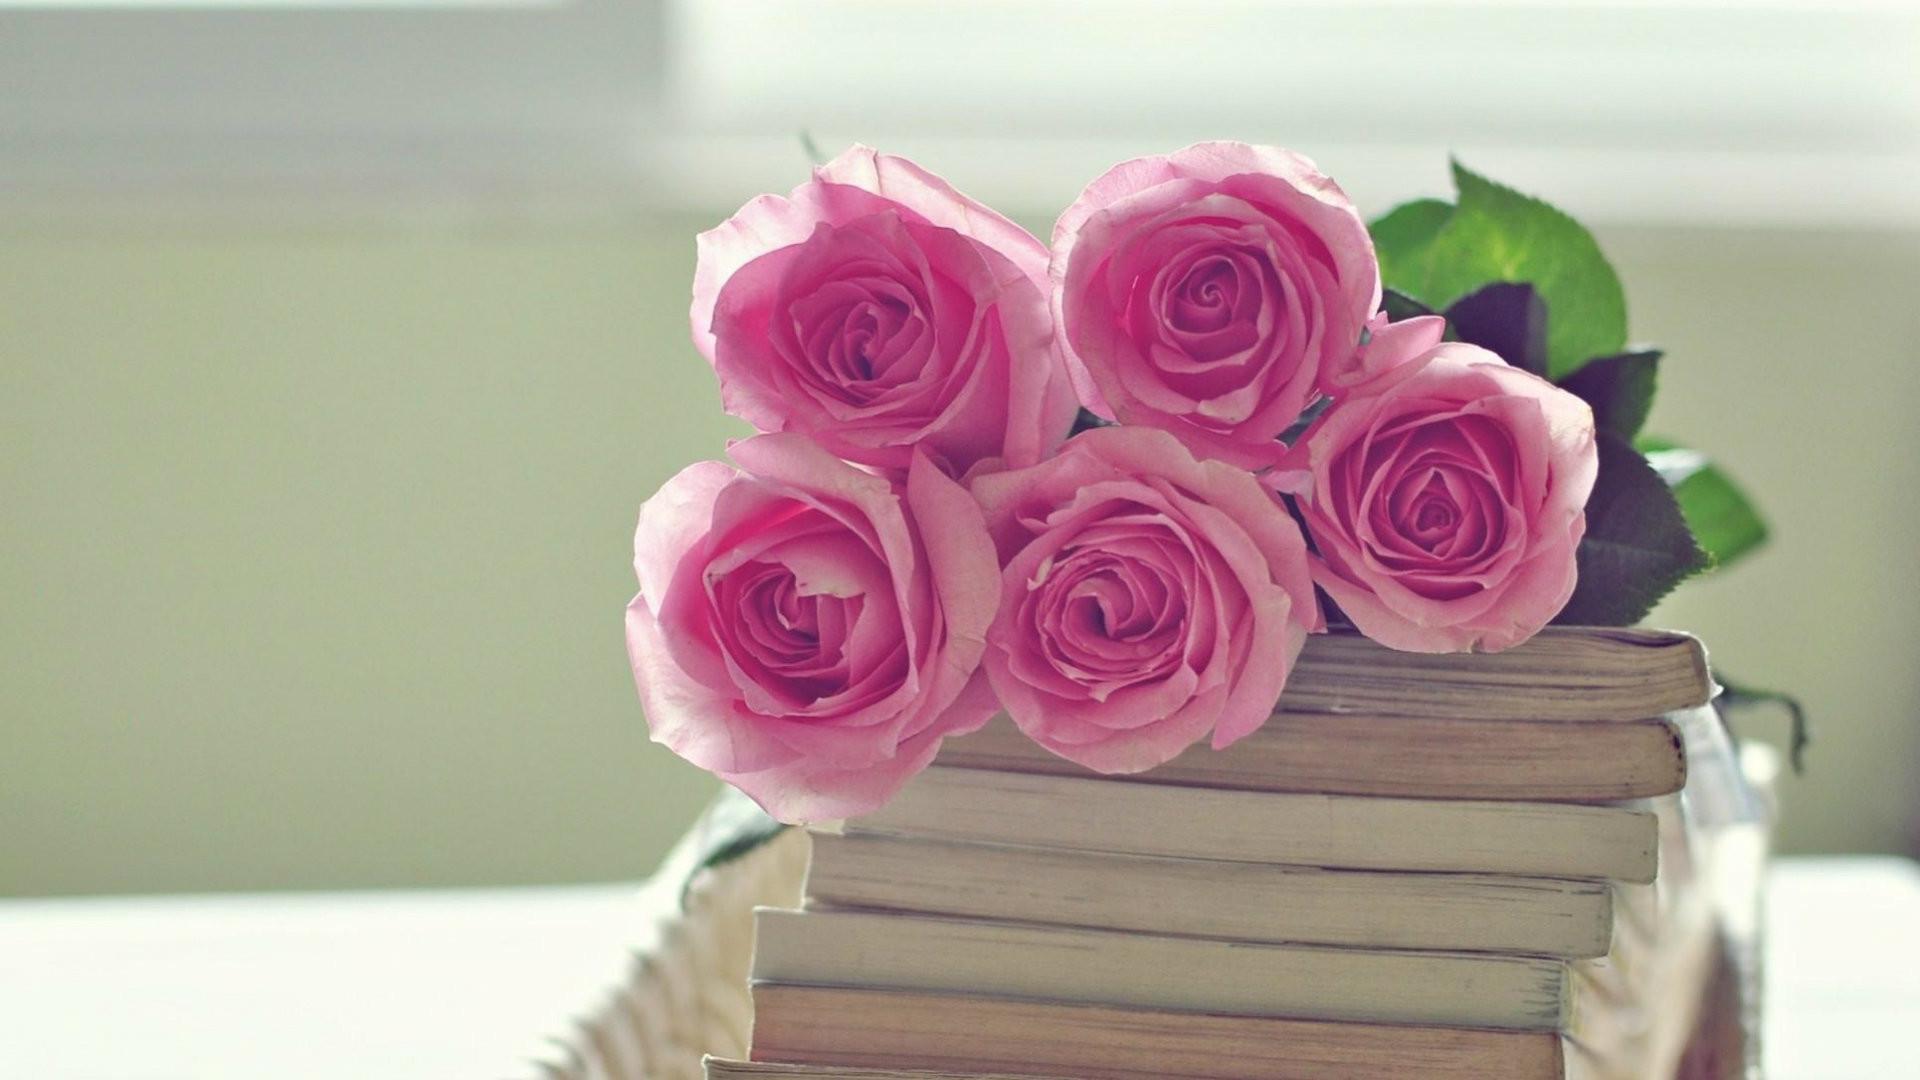 Pink roses wallpaper 64 images - Rose desktop wallpaper hd ...